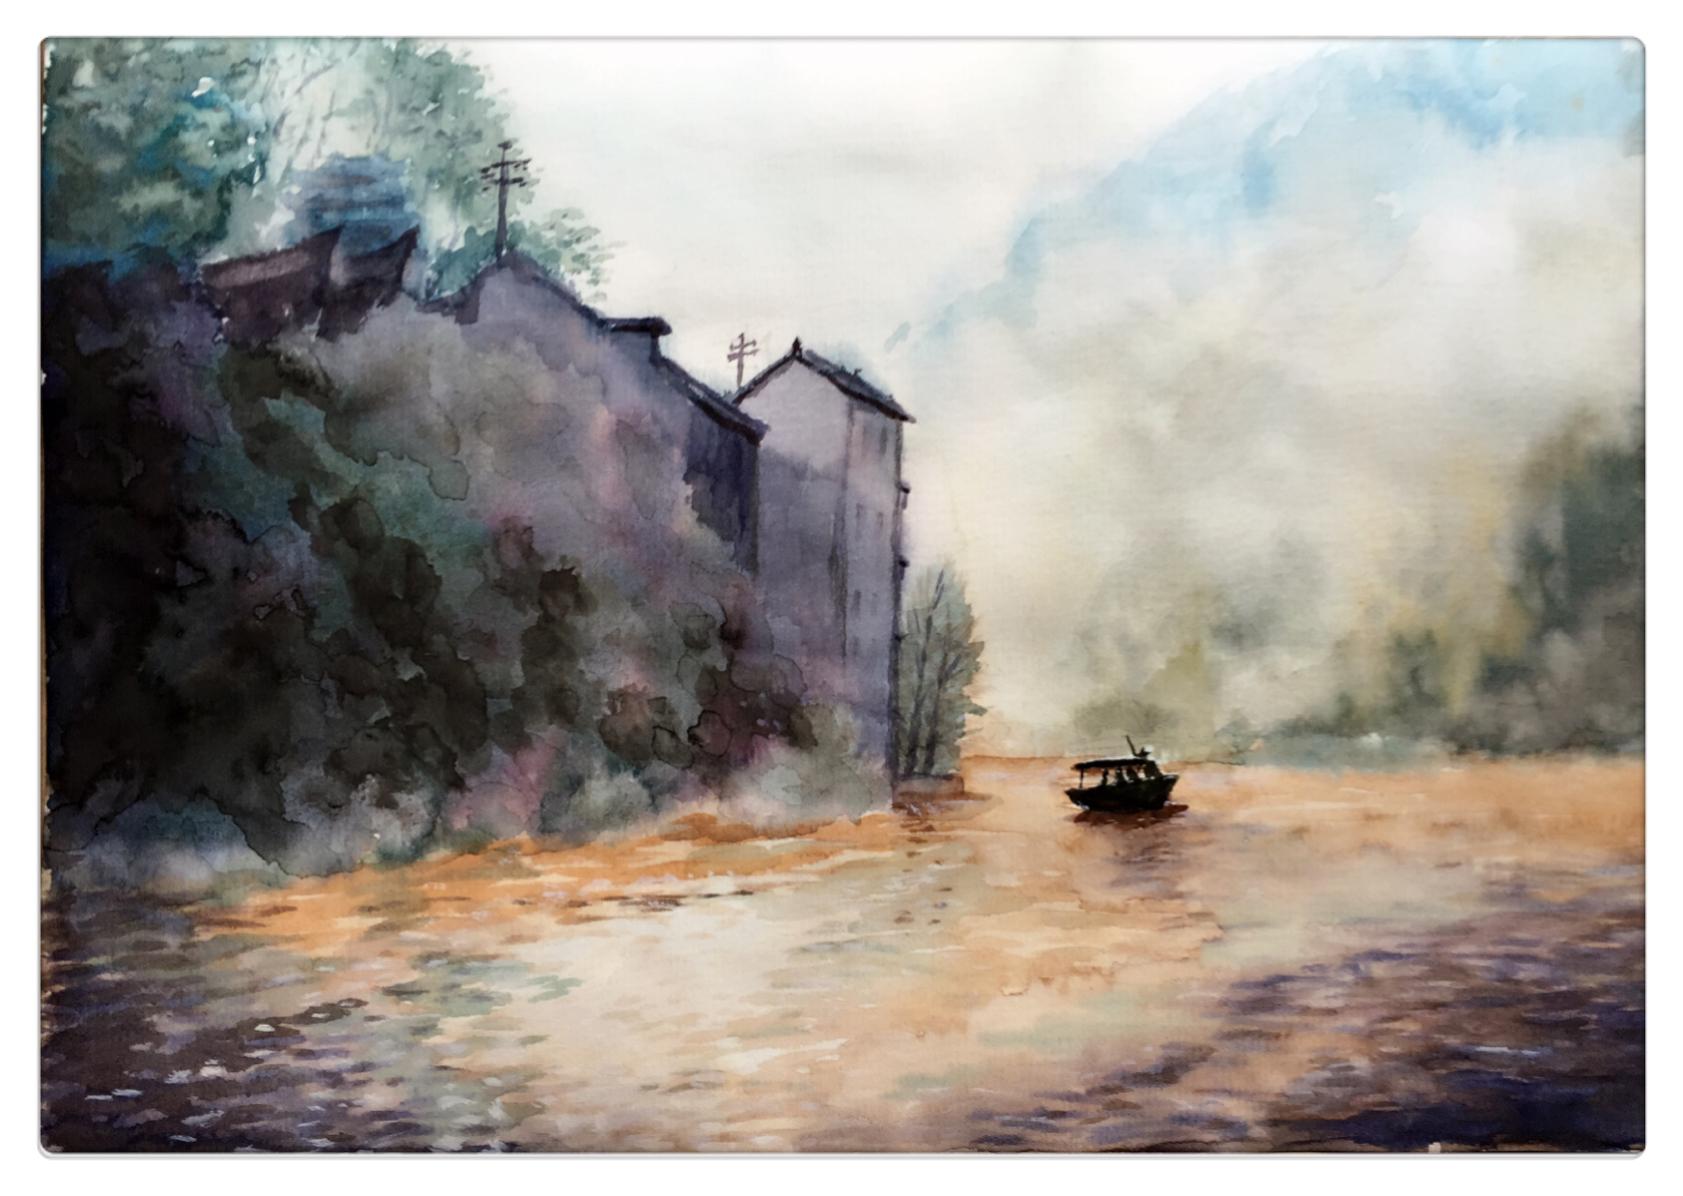 水彩风景#干画法和湿画法的区别到底在哪里